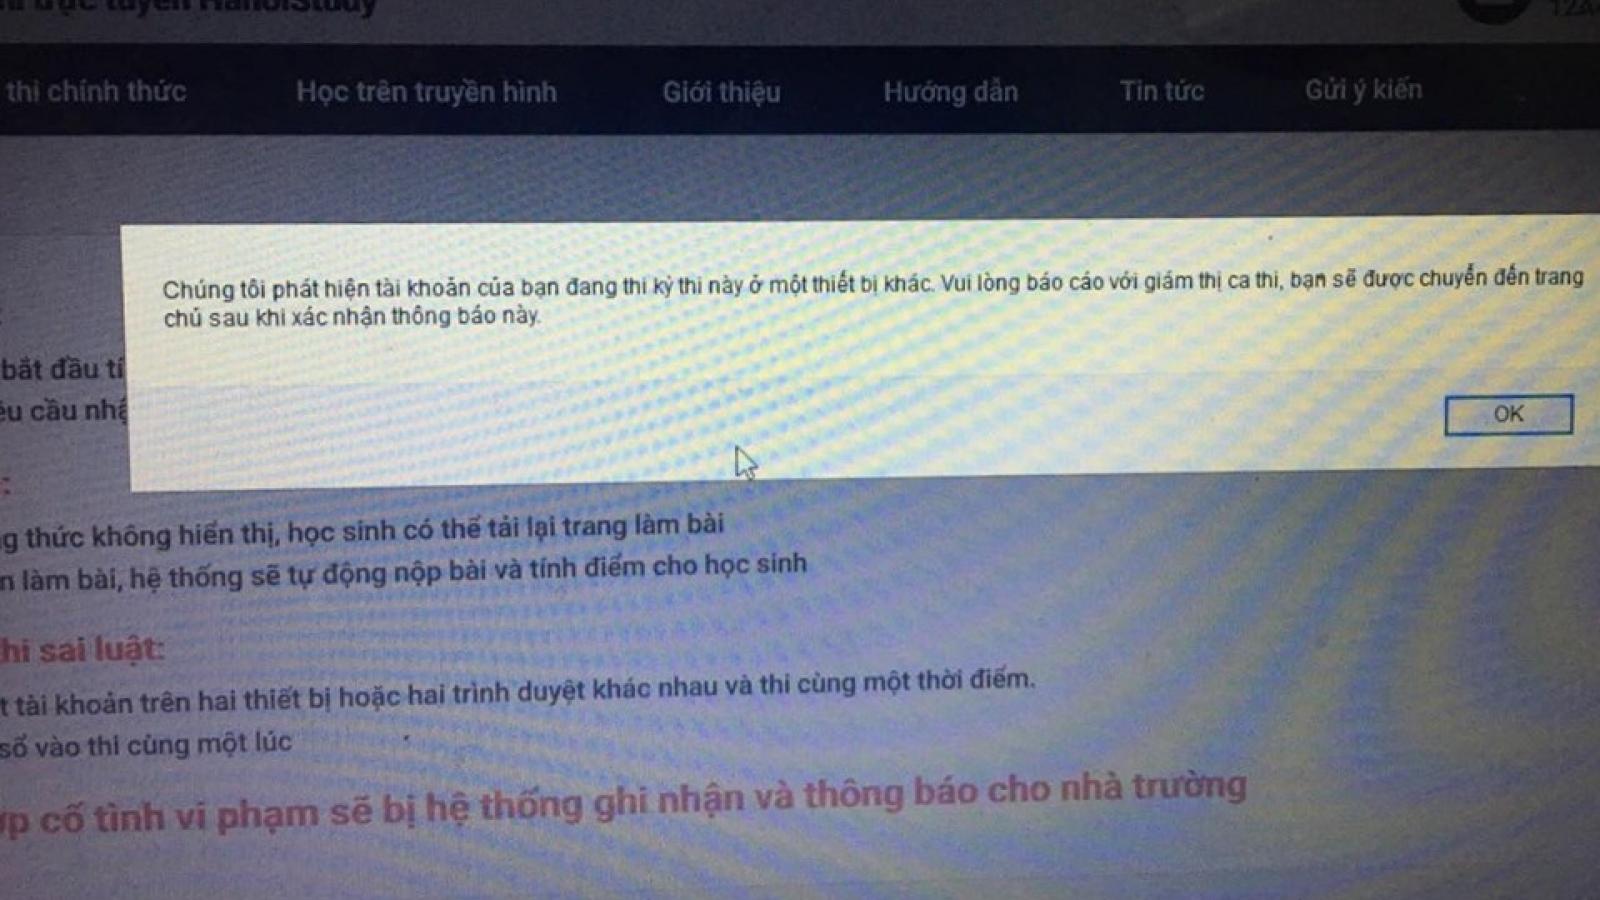 Thi thử online ở Hà Nội: 19h30 làm bài, 21h học sinh vẫn chưa thể đăng nhập